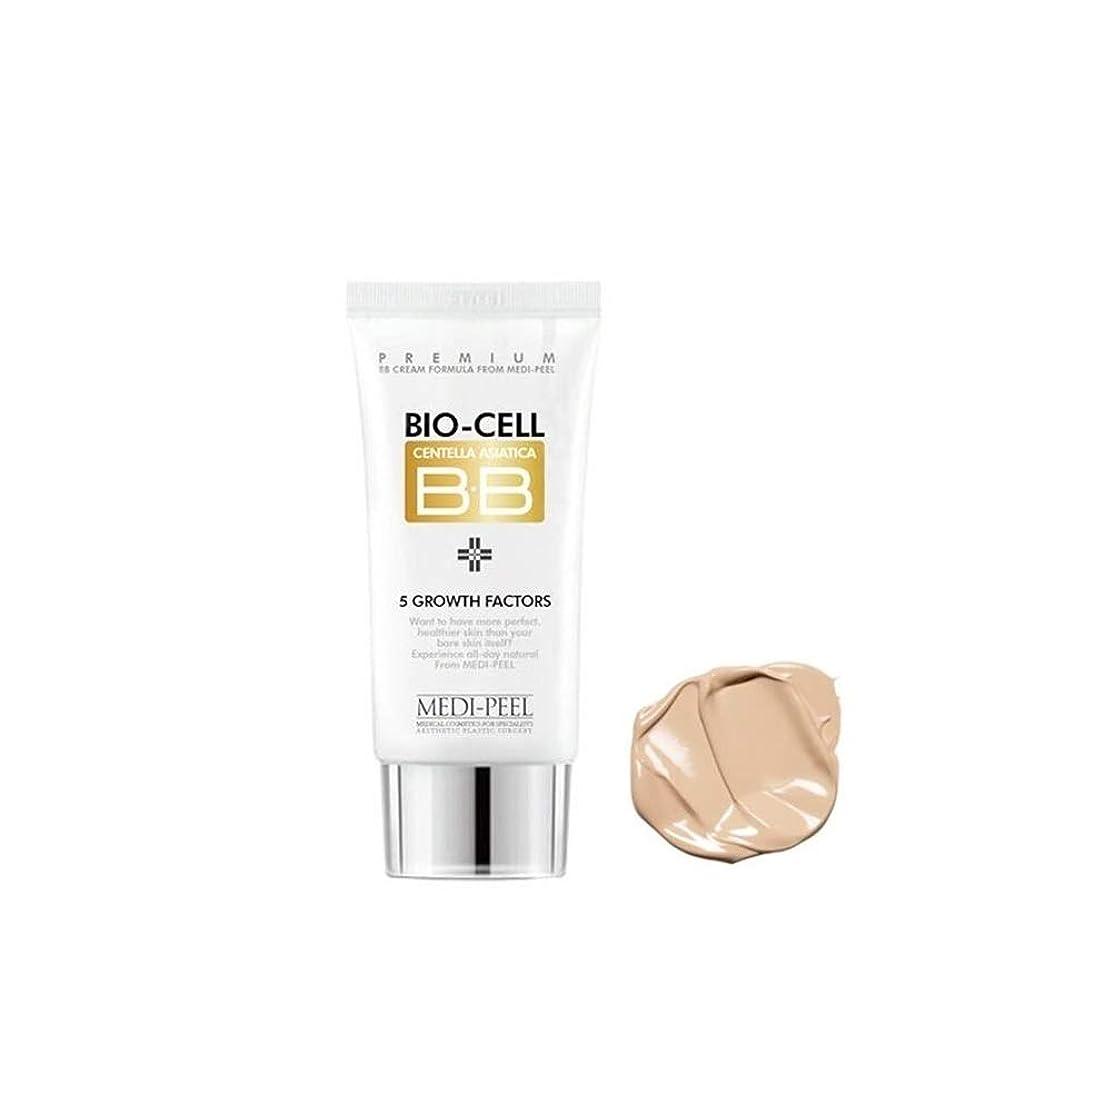 泥沼うまくいけばサイズ[Medi-Peel] メディピール バイオセル BBクリーム 50ml. [美.白?シワ.改善2重機能性化粧品] Medi-Peel Bio-cell BB Cream 50ml.